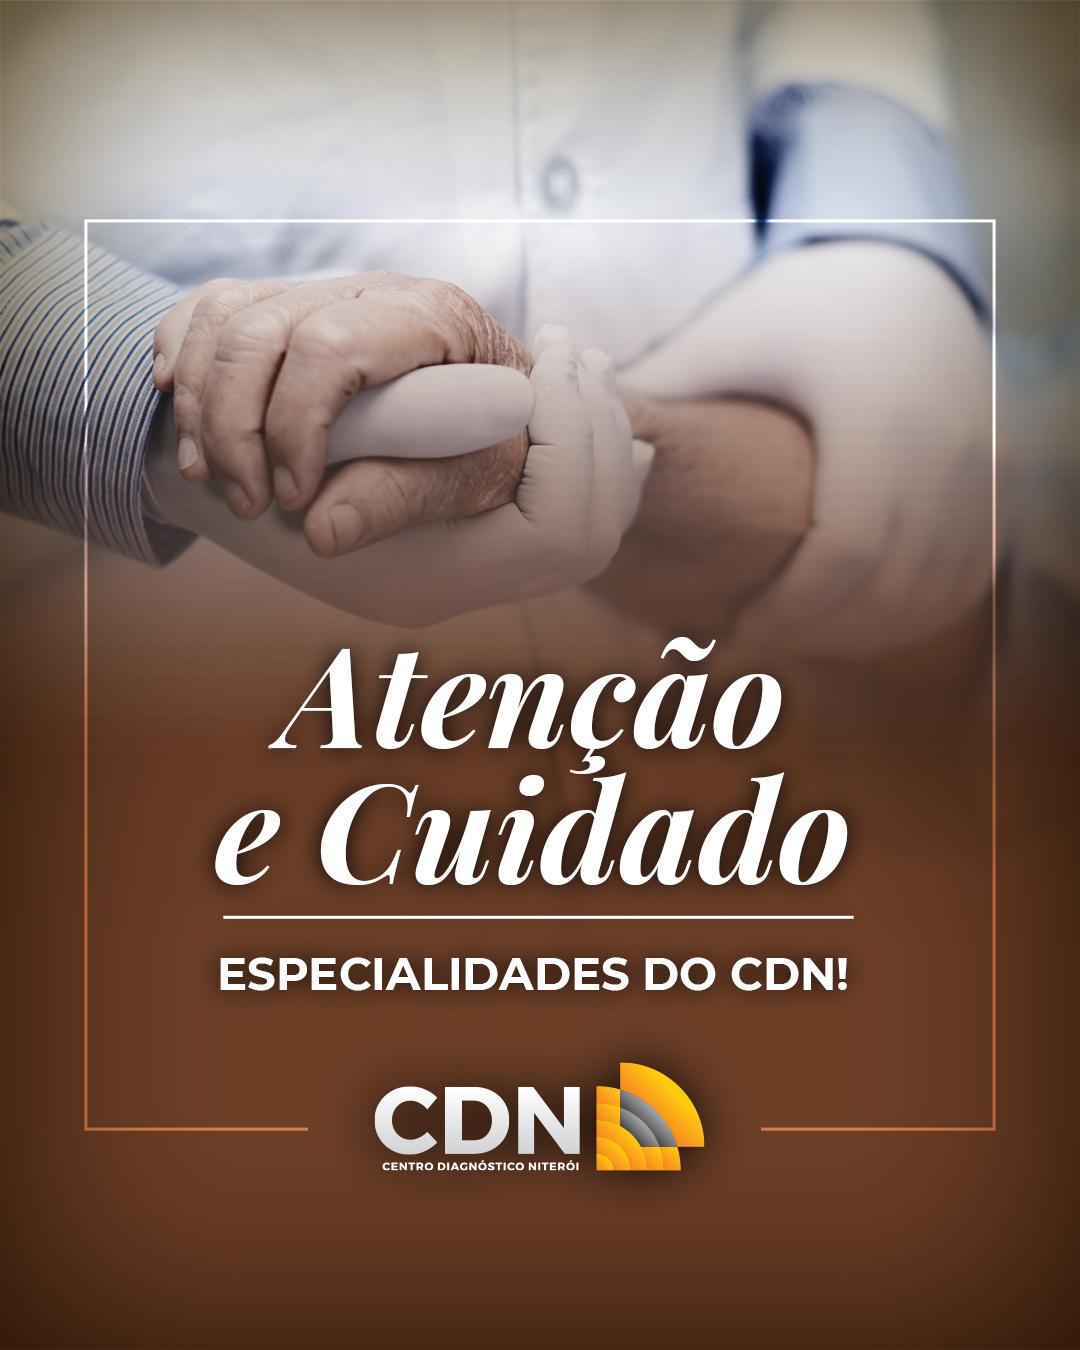 Atenção e Cuidado: especialidades do CDN